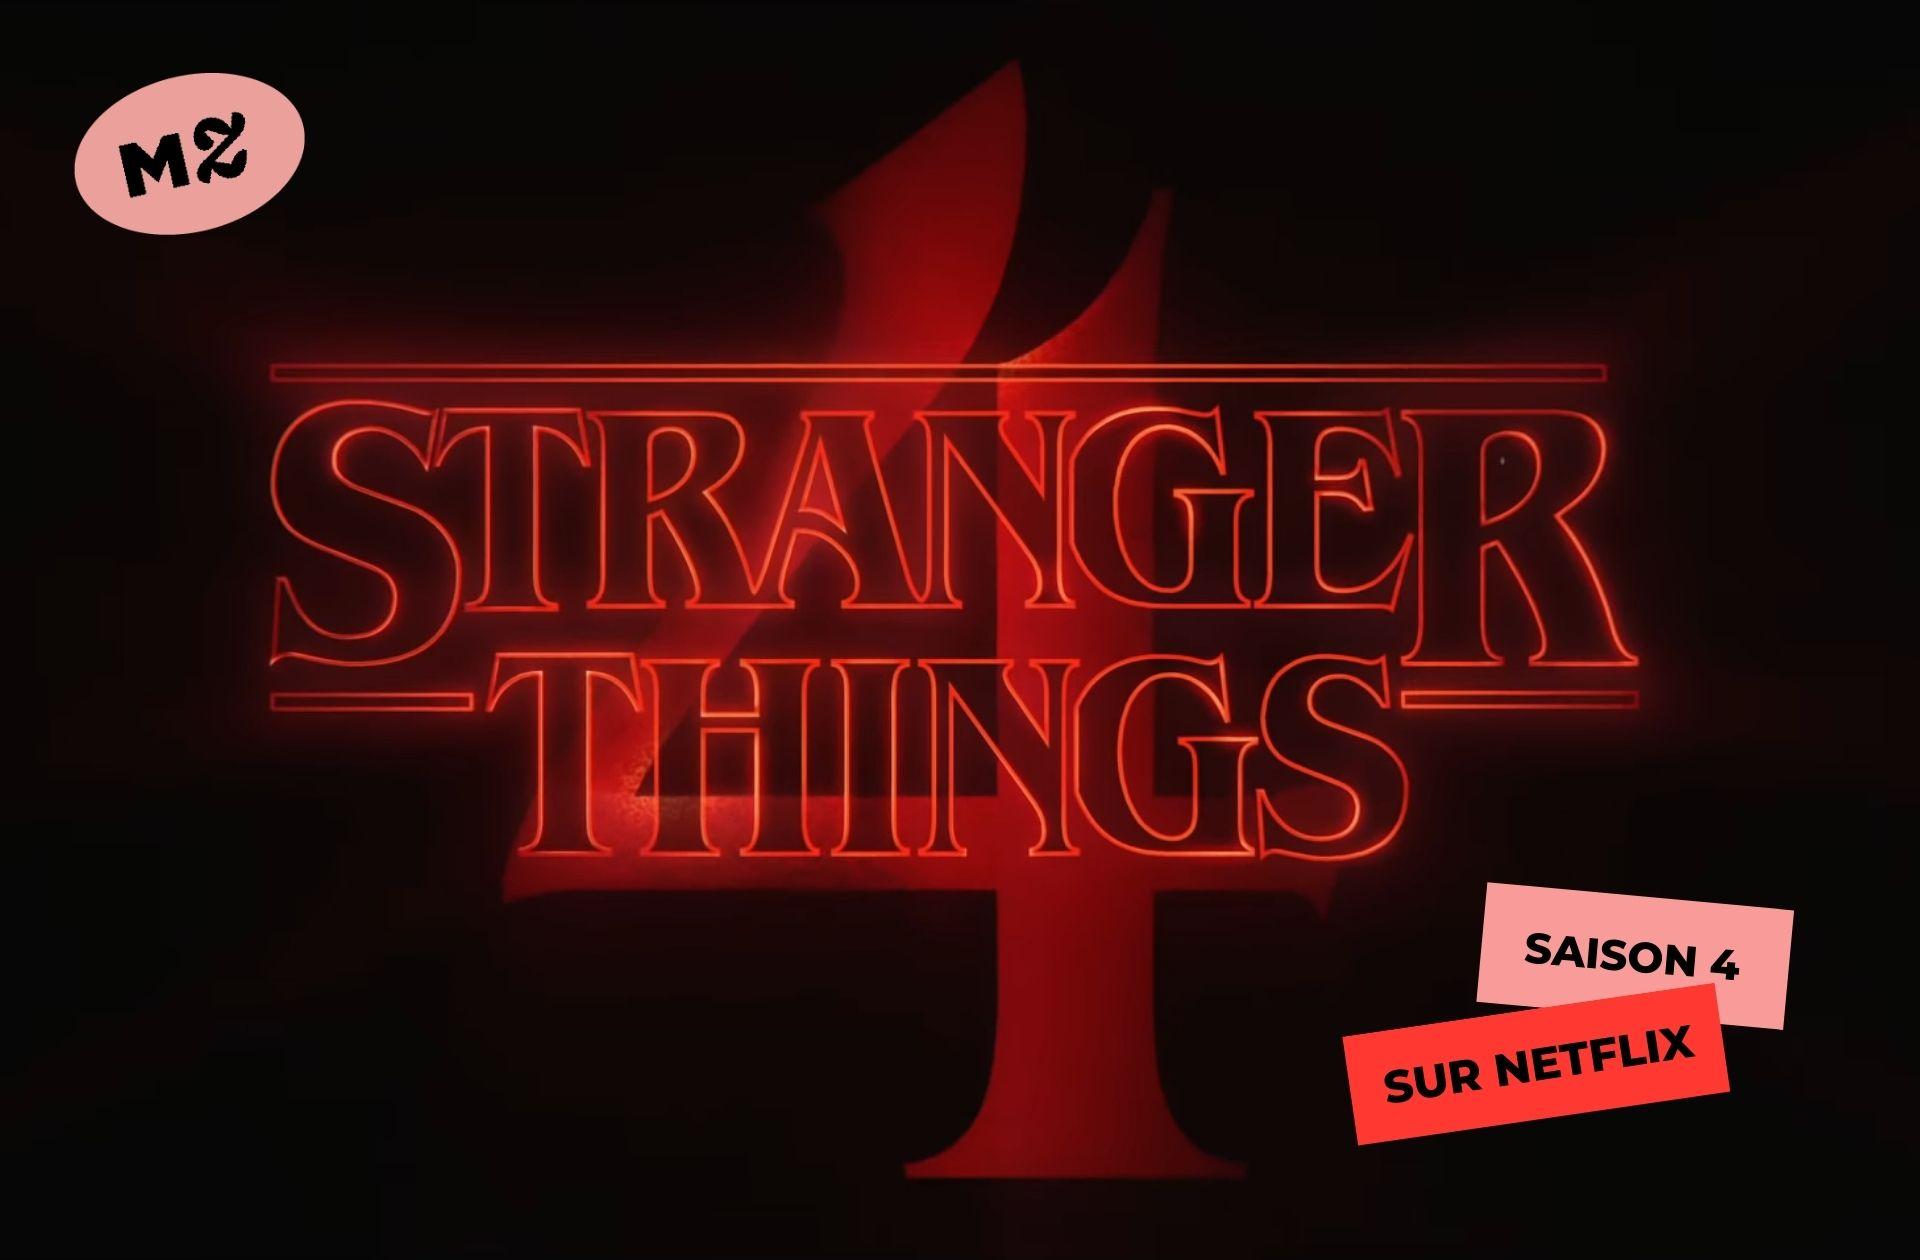 Voici un aperçu flippant de « Stranger Things»saison 4